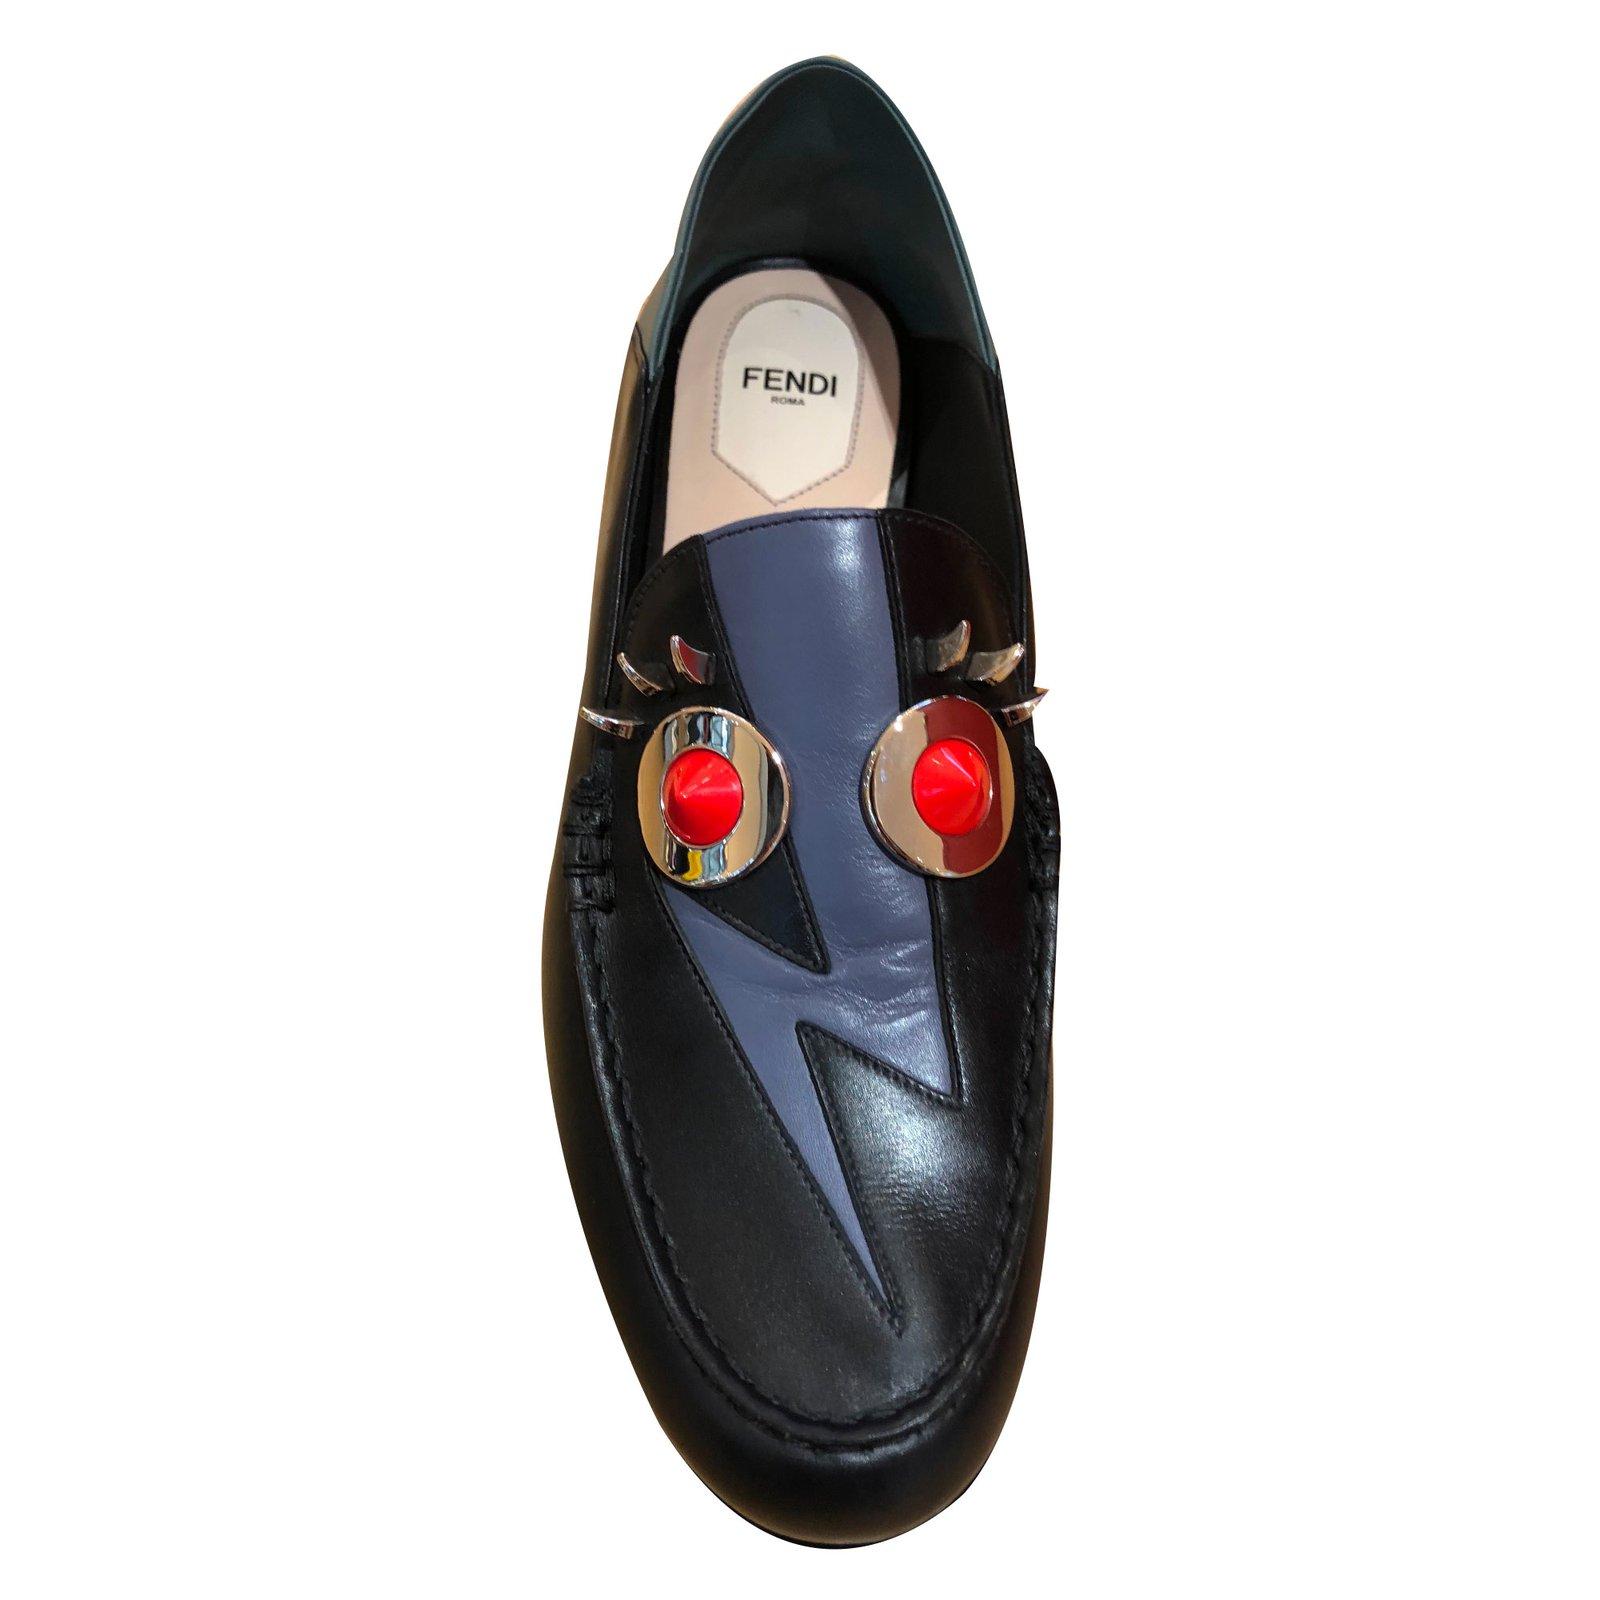 9950d5599fd Fendi loafers flats leather black ref joli closet jpg 1600x1600 Fendi  loafers